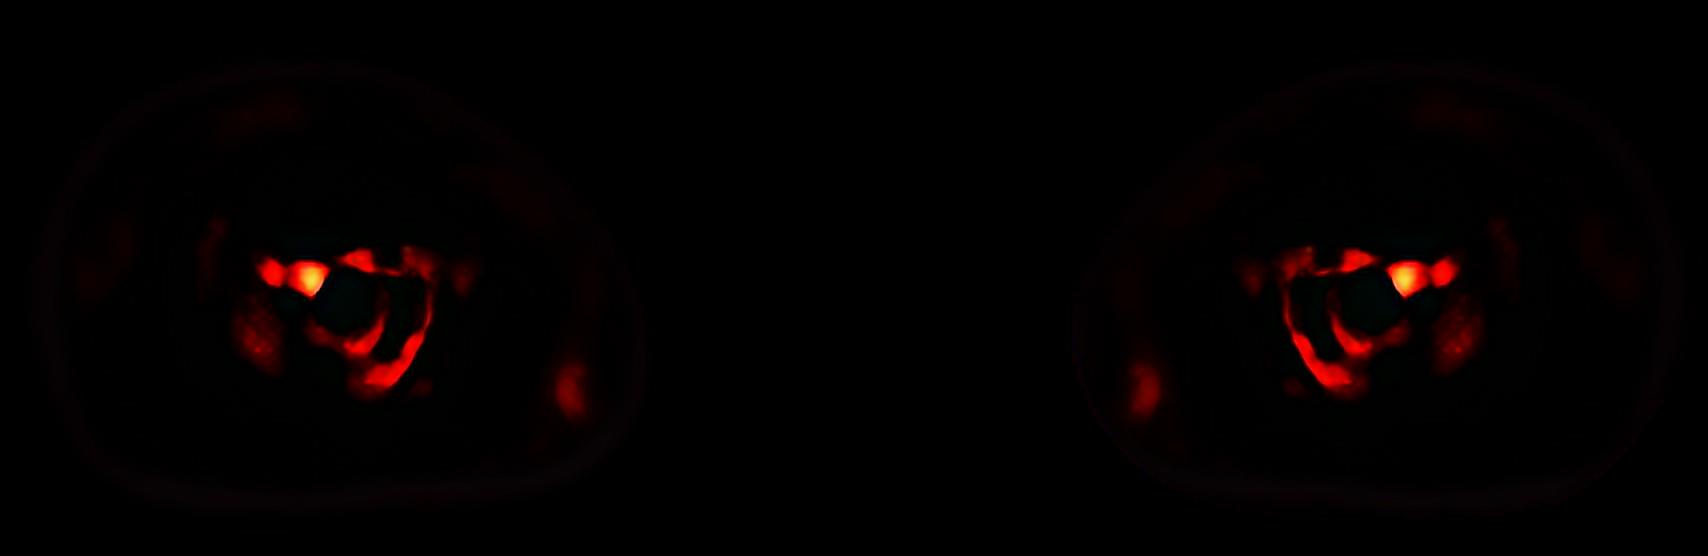 #eyes #horror #evil #scary #blood #red #horroreyes #evileyes #bloodeyes